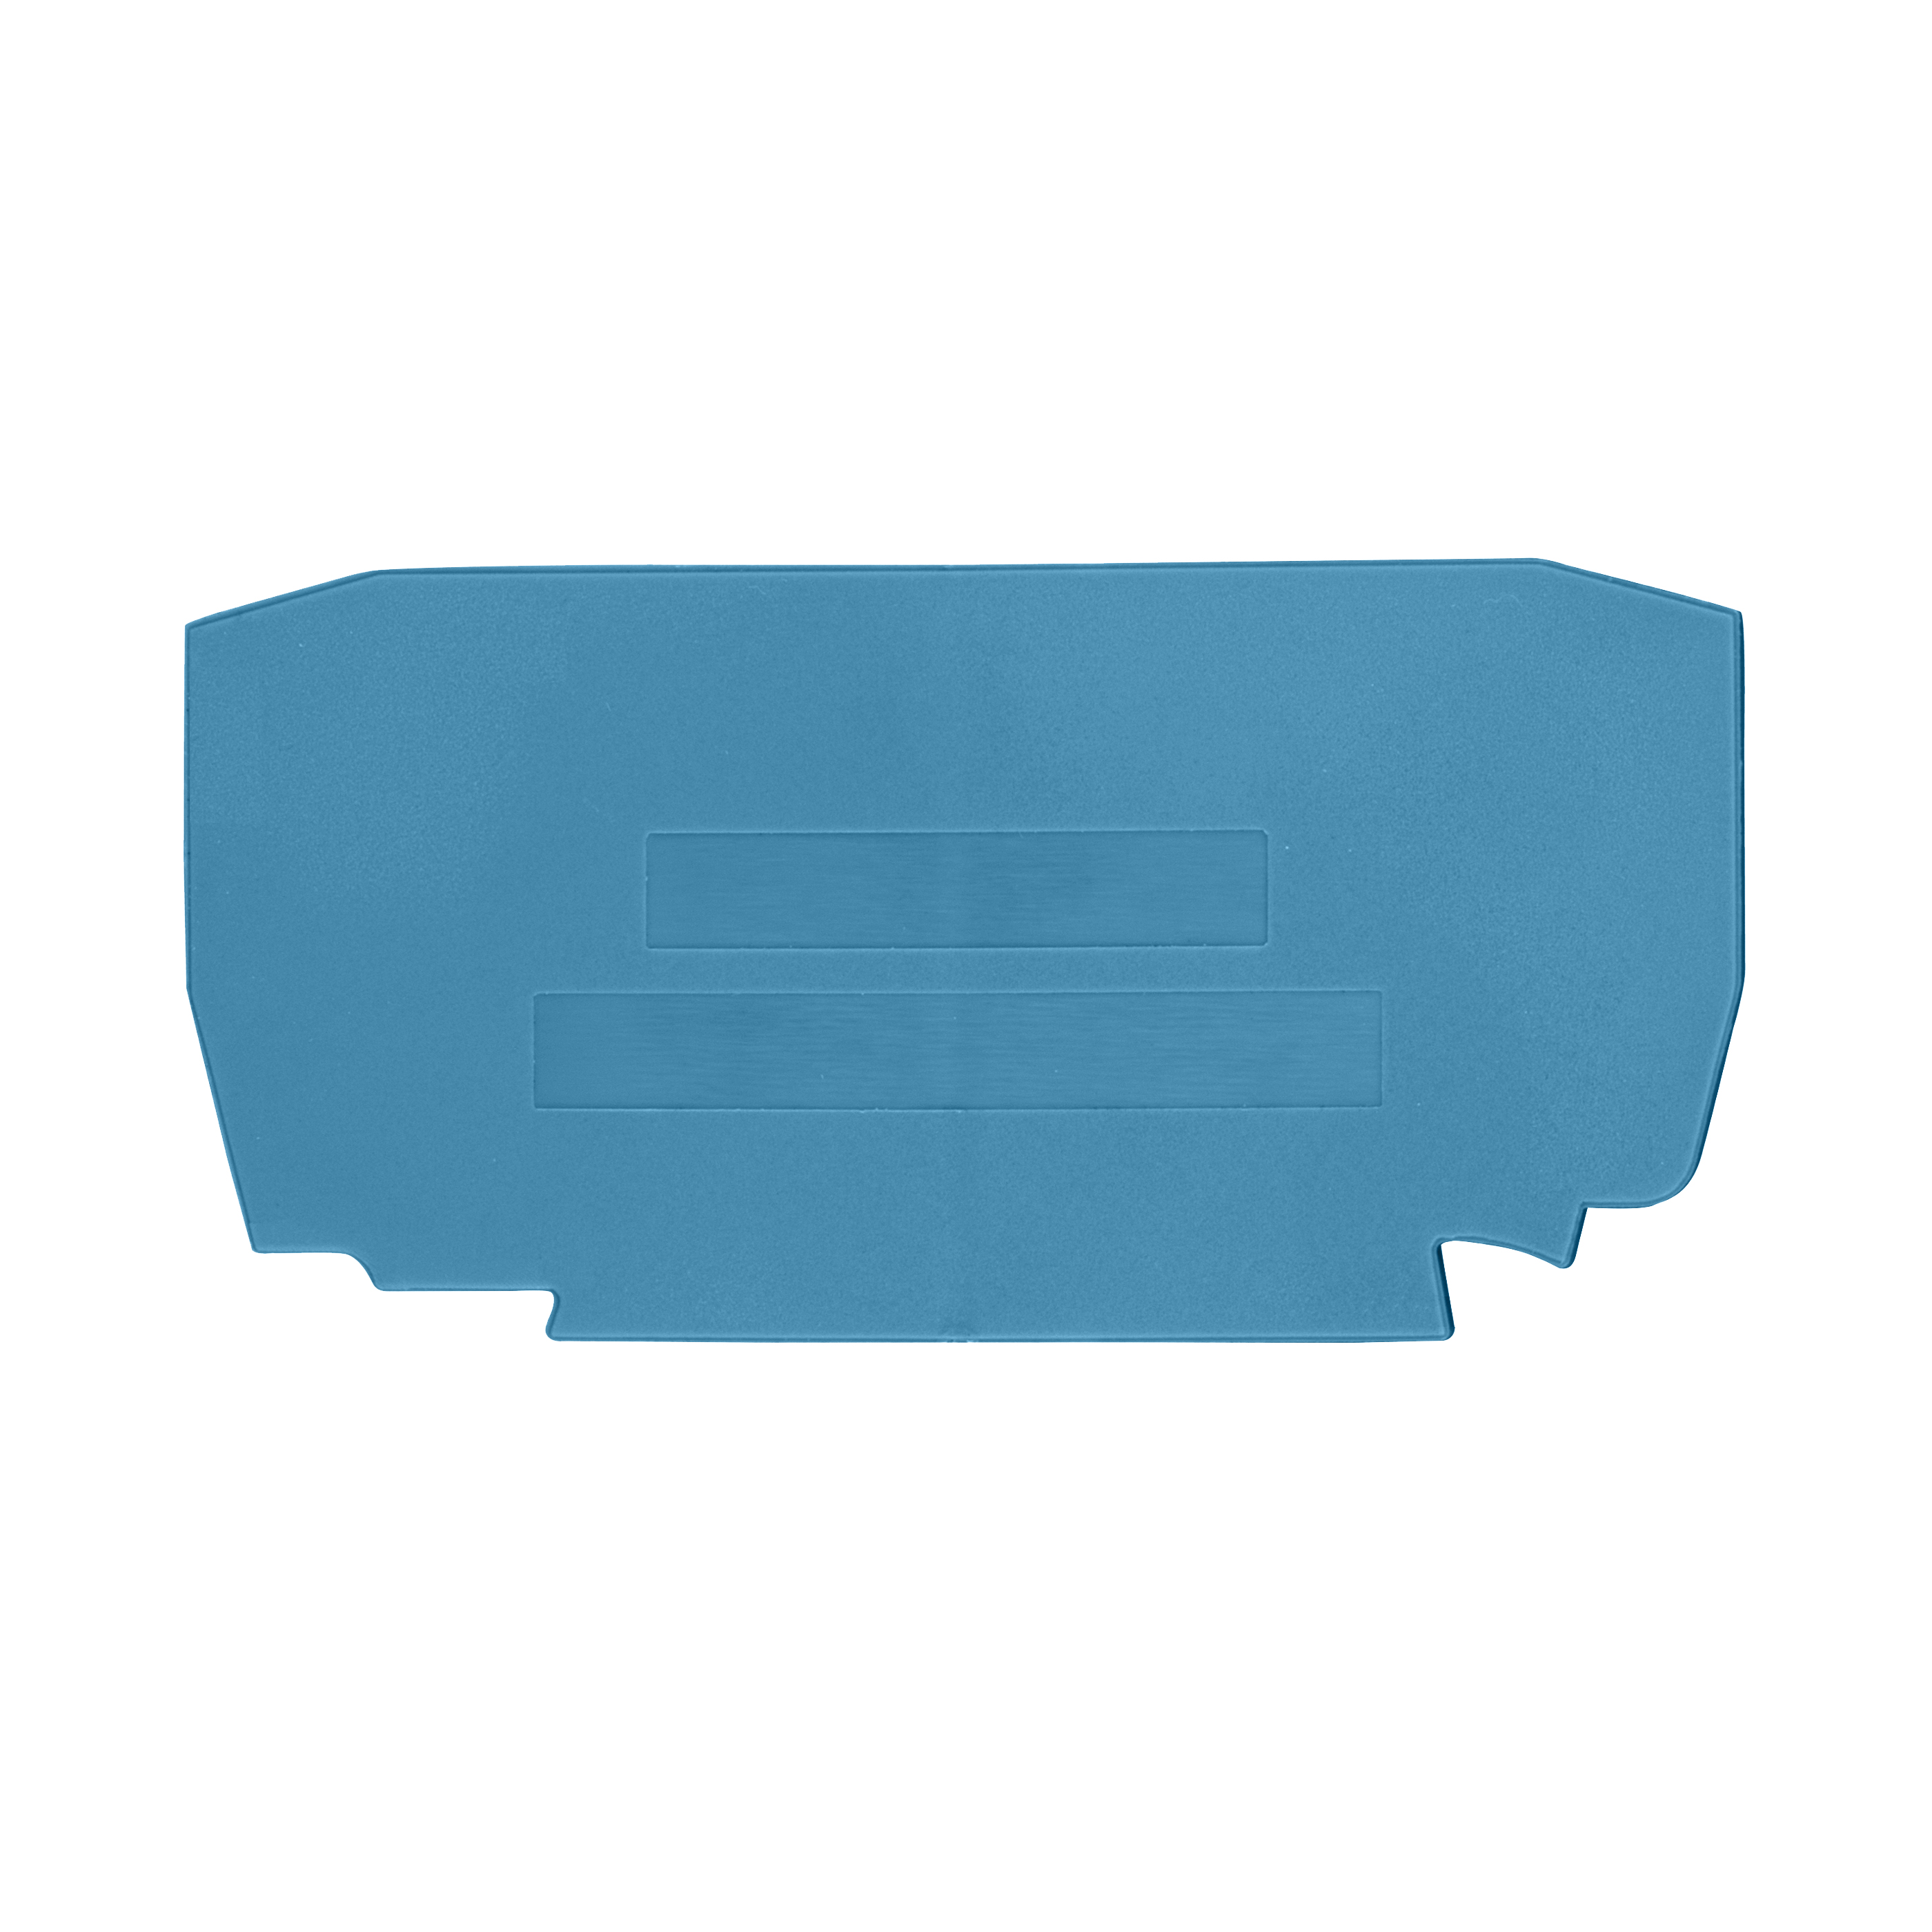 1 Stk Endplatte für Federkraftklemme, Type YBK 4mm², blau IK611204--